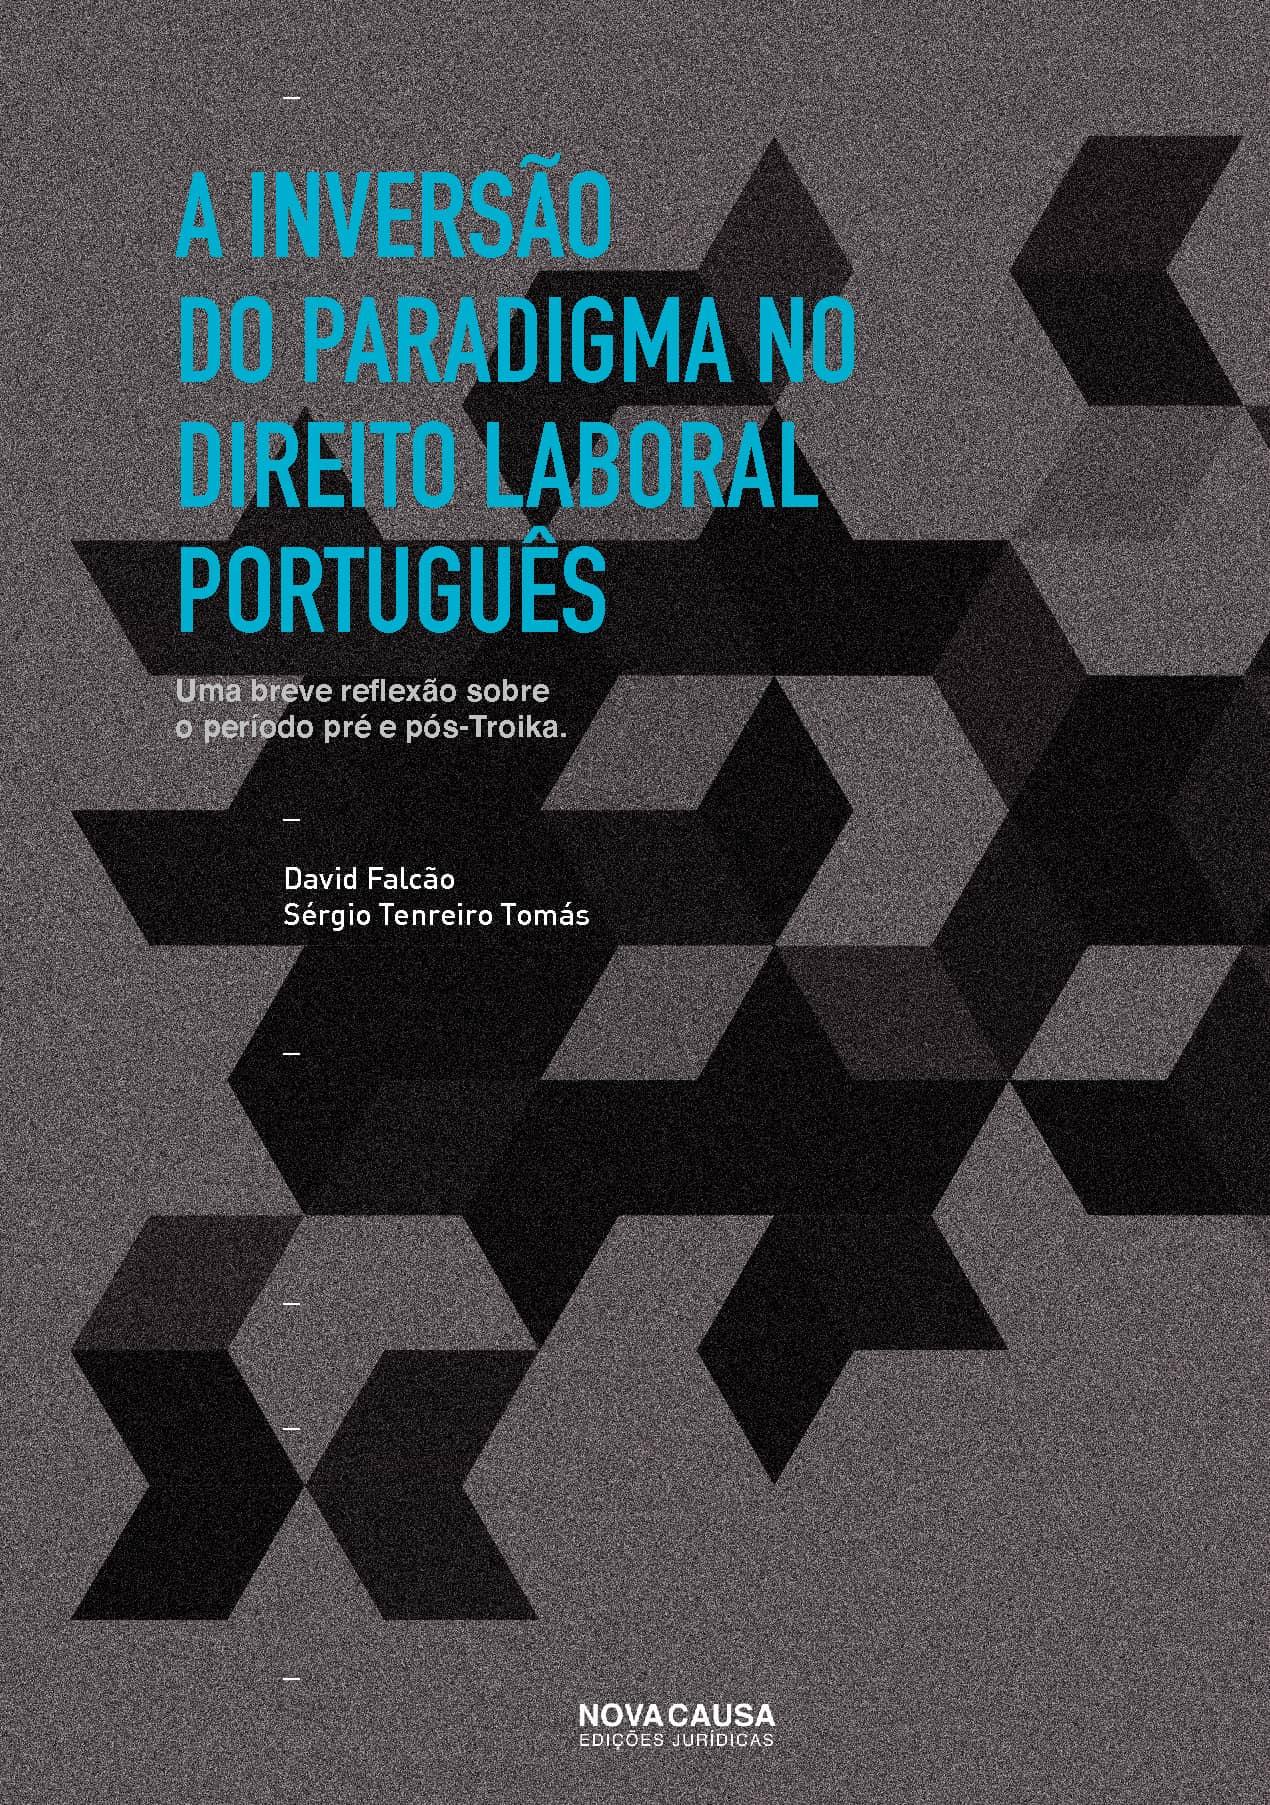 A Inversão do Paradigma no Direito Laboral Português: